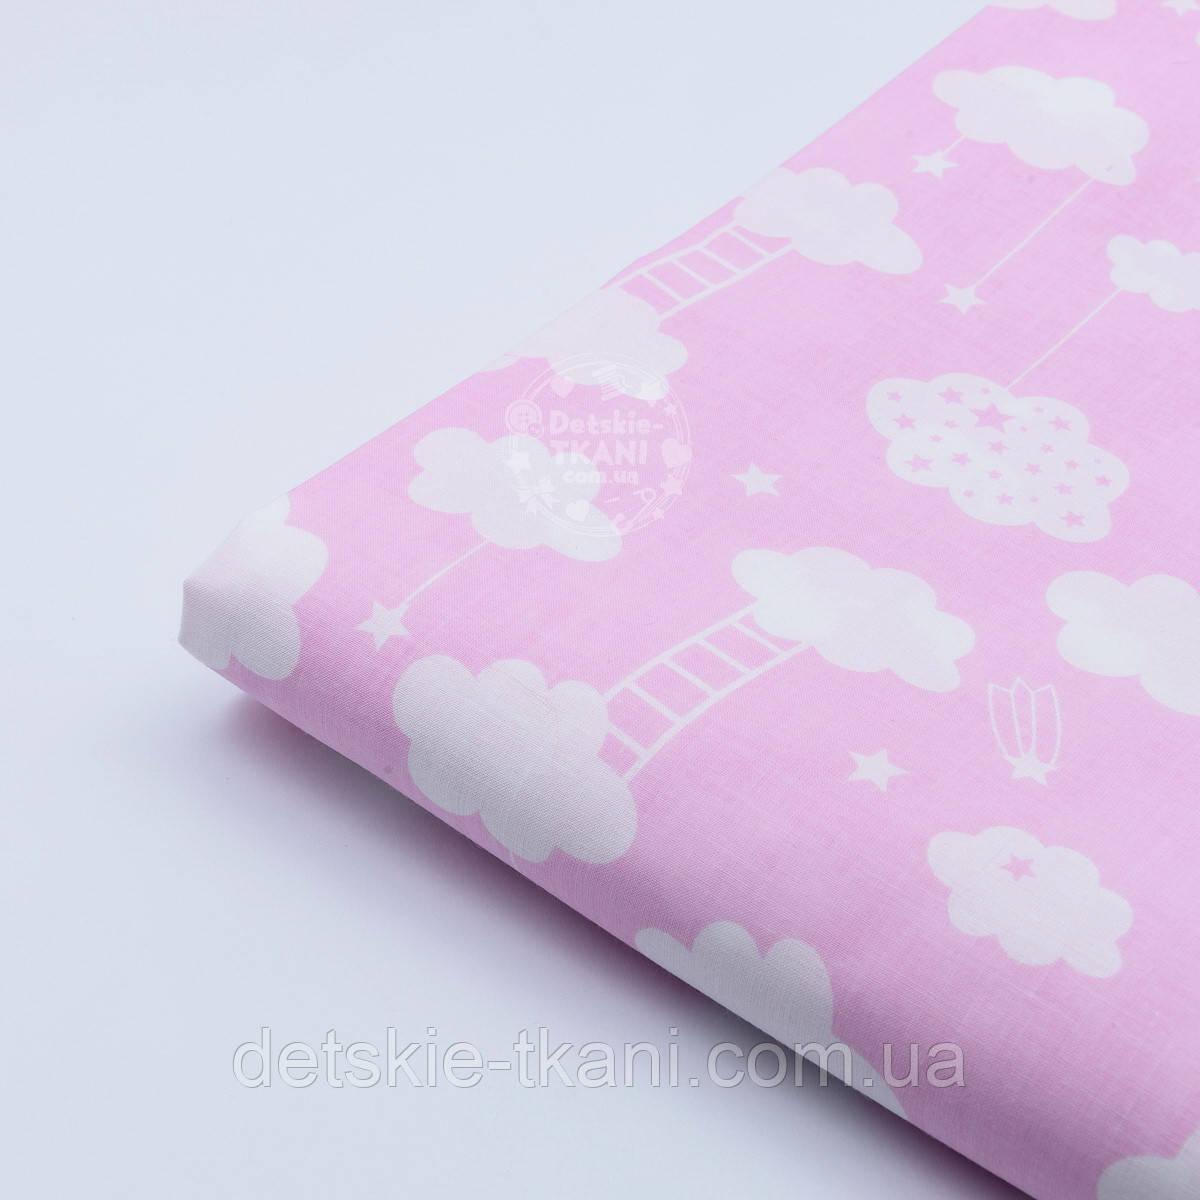 Лоскут ткани №60а размером 63*68  см